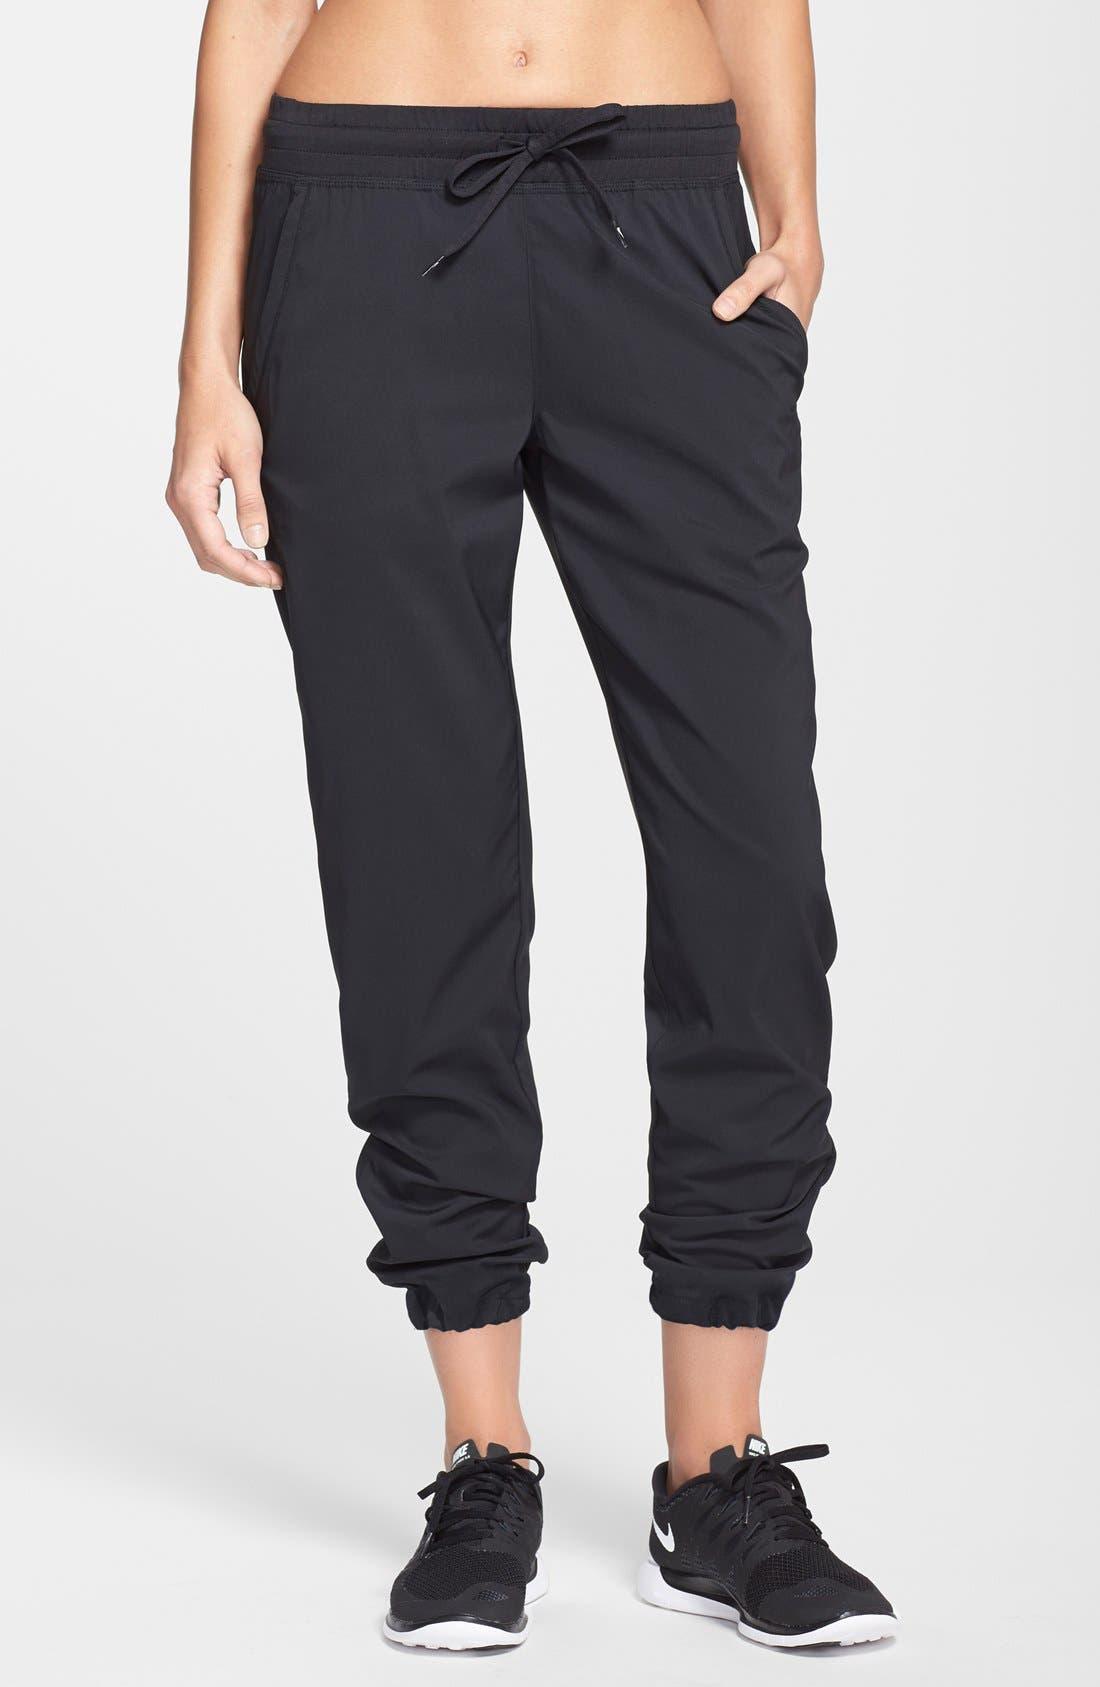 Alternate Image 1 Selected - Nike 'Revival' Woven Dri-FIT Sweatpants